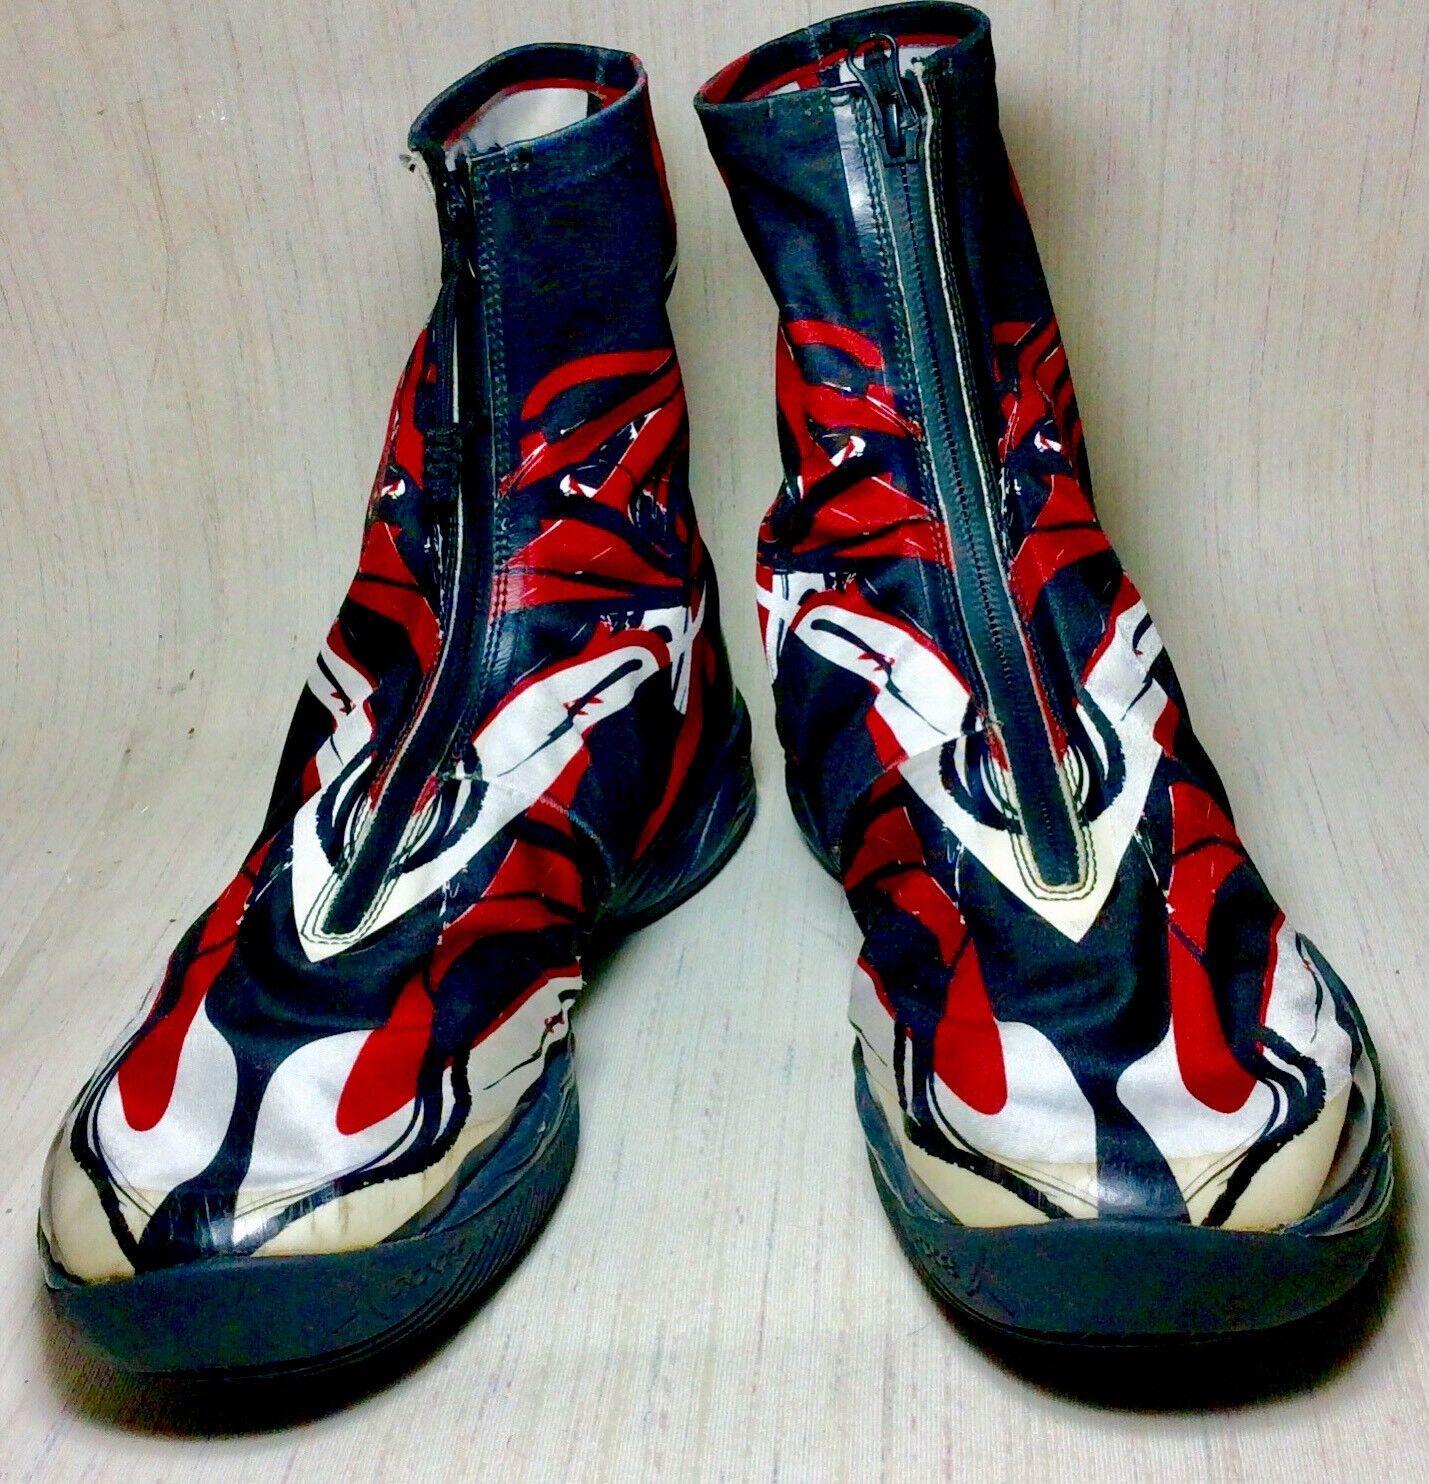 quality design 84df8 5e24b Air Jordan 555109-011 Numero 11 11 11 76be79